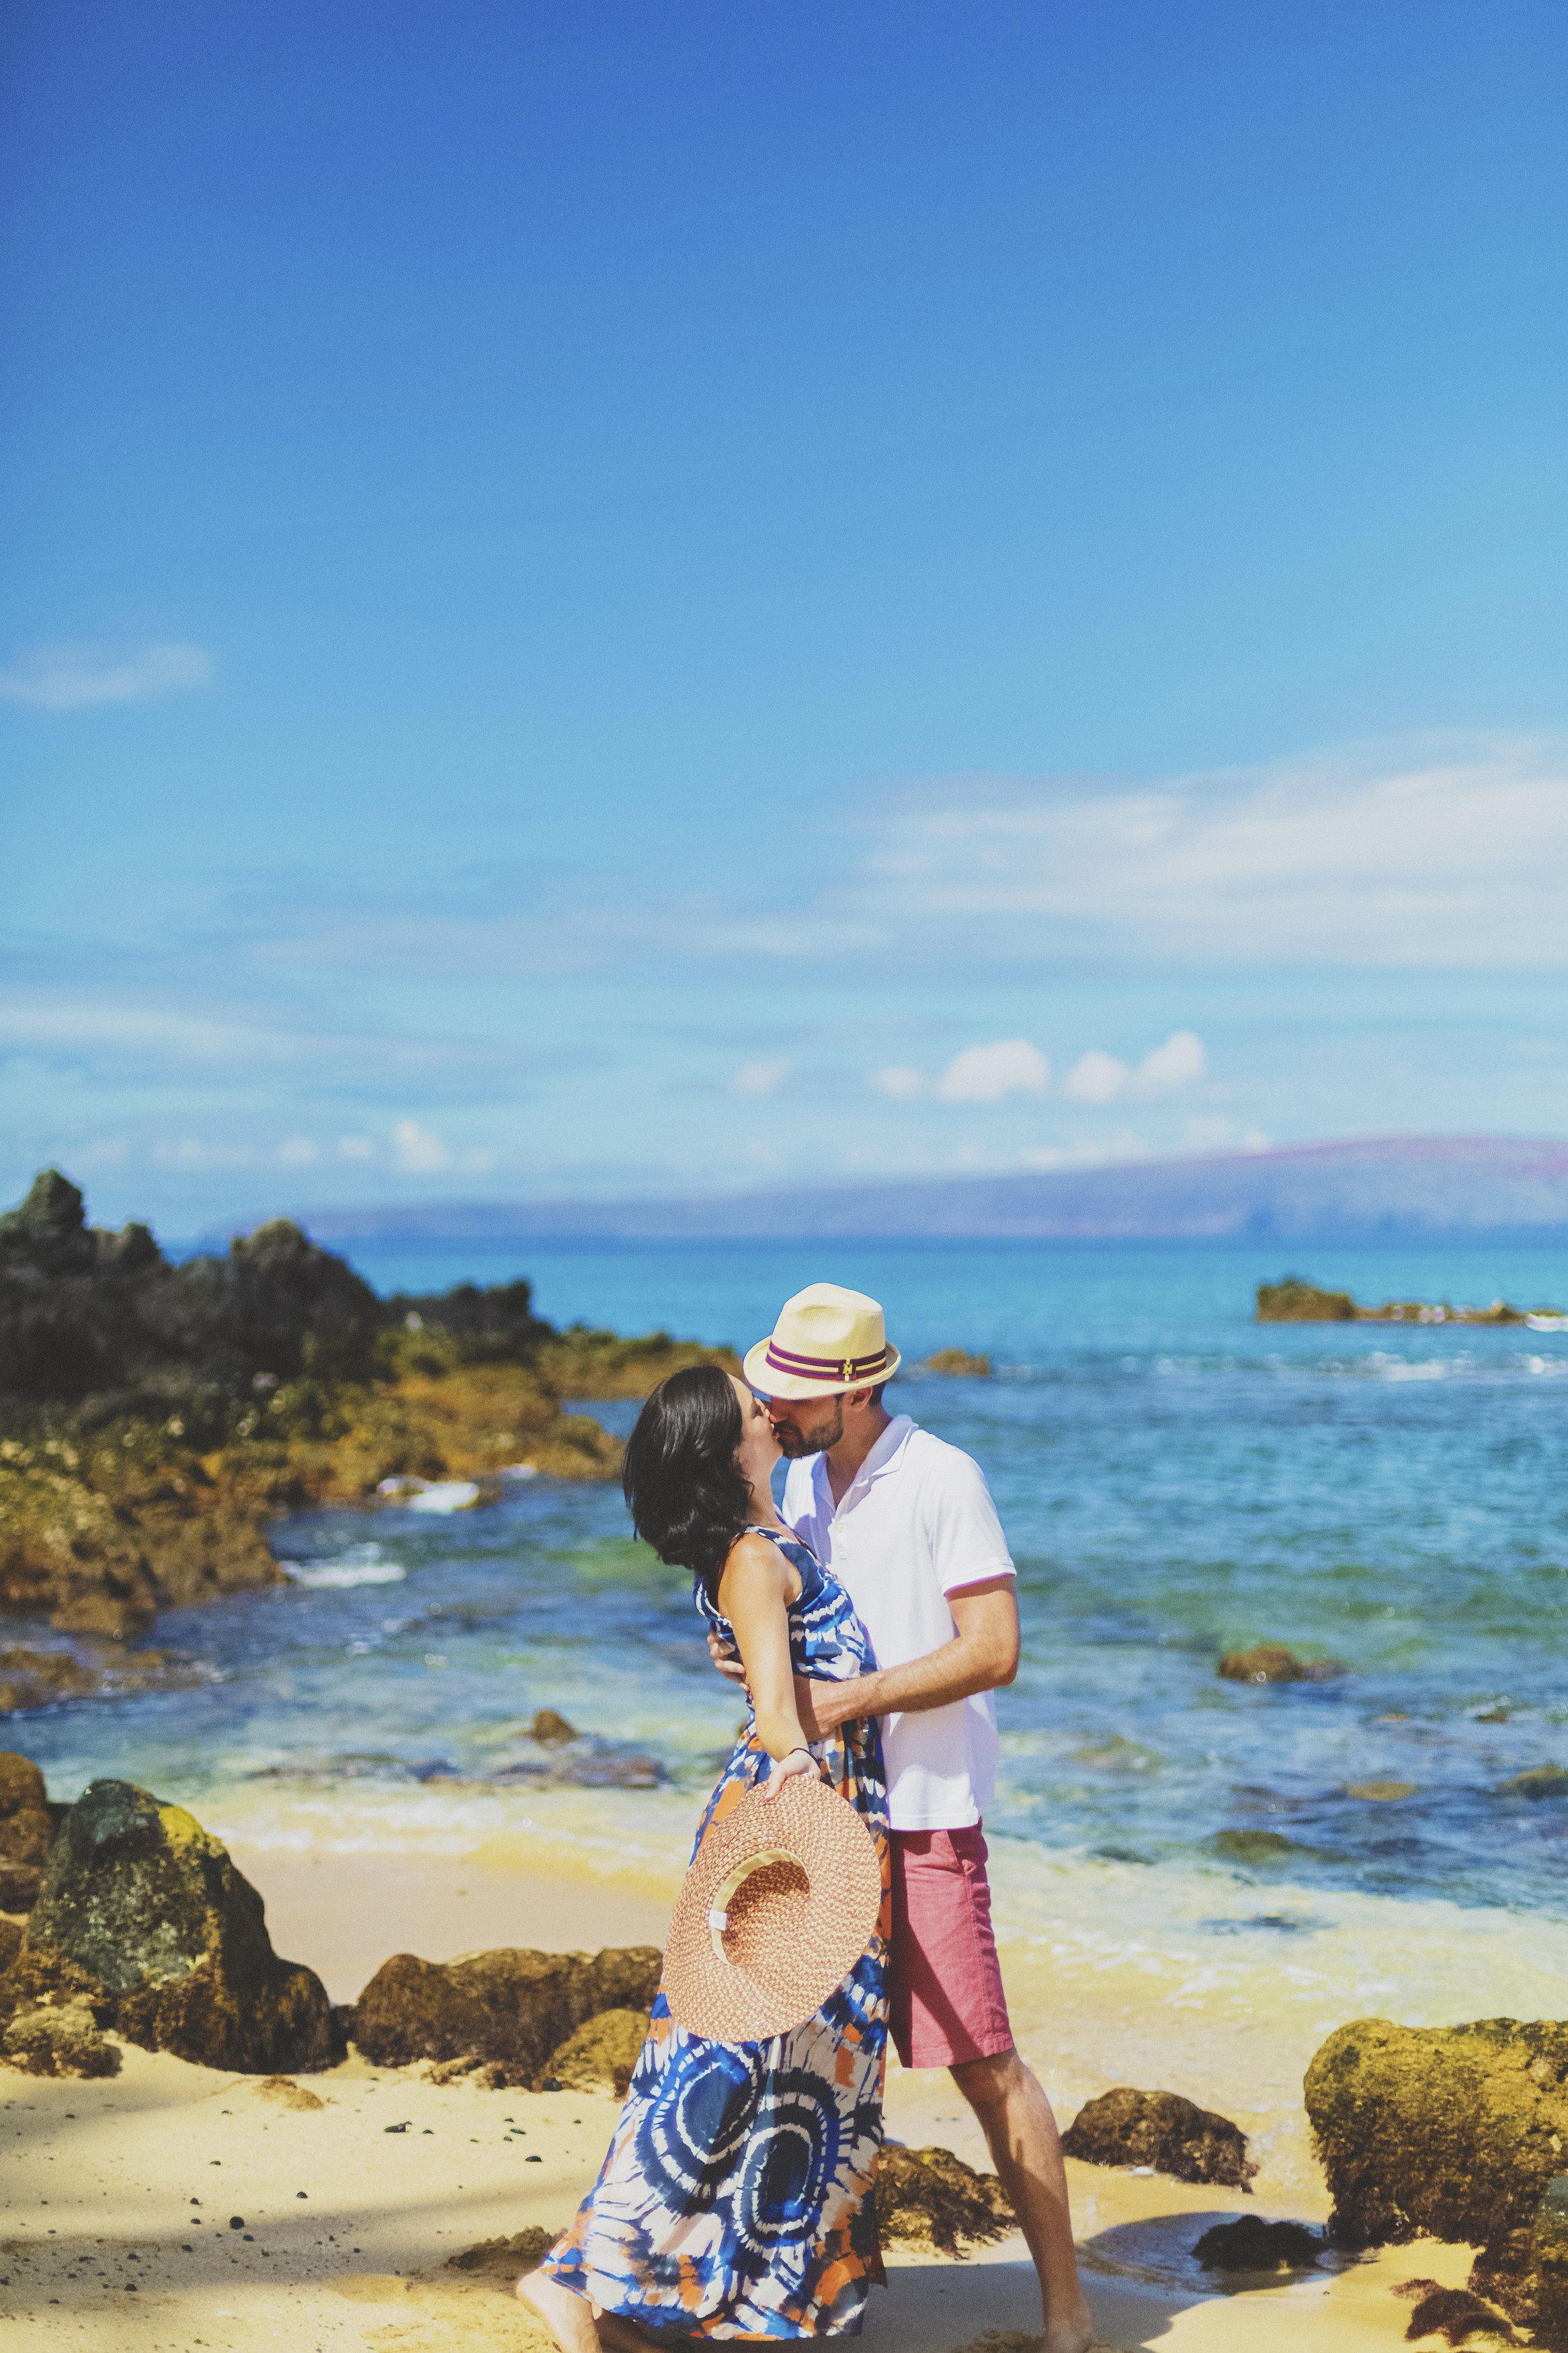 angie-diaz-photography-maui-beach-honeymoon-photographer-7.jpg